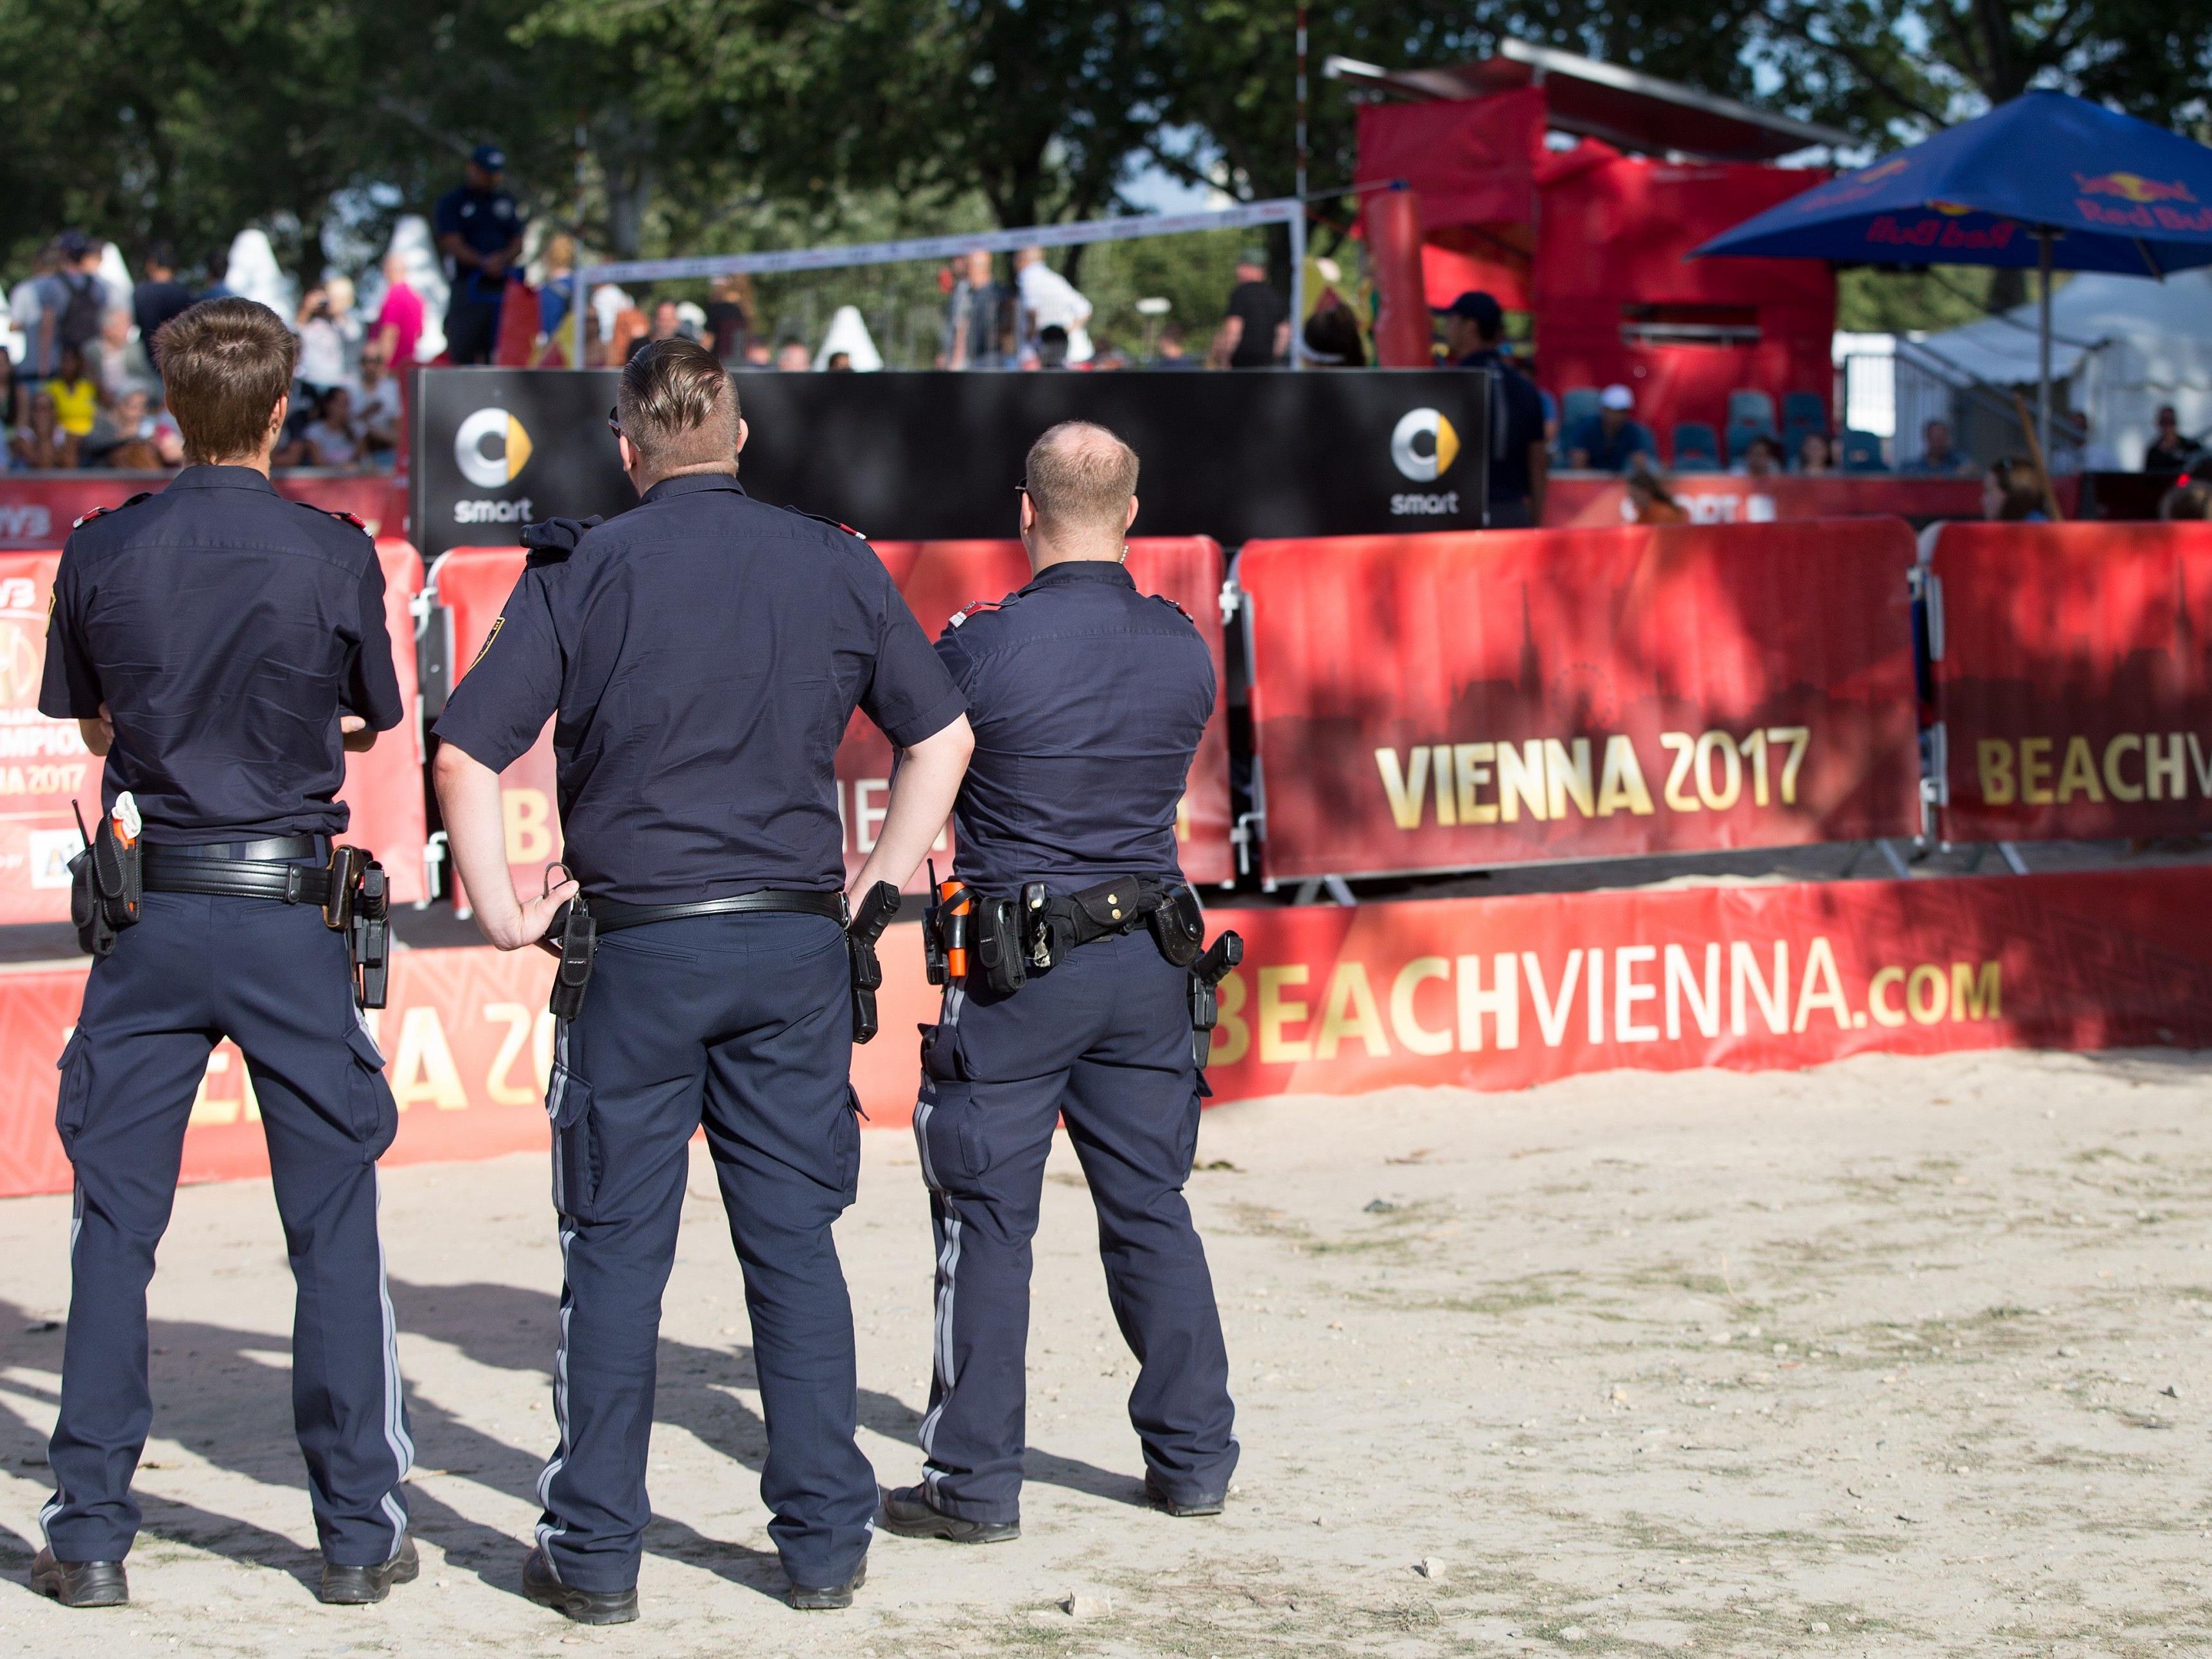 Polizisten wurden bei der der Beach-Volleyball-WM auf der Donauinsel attackiert